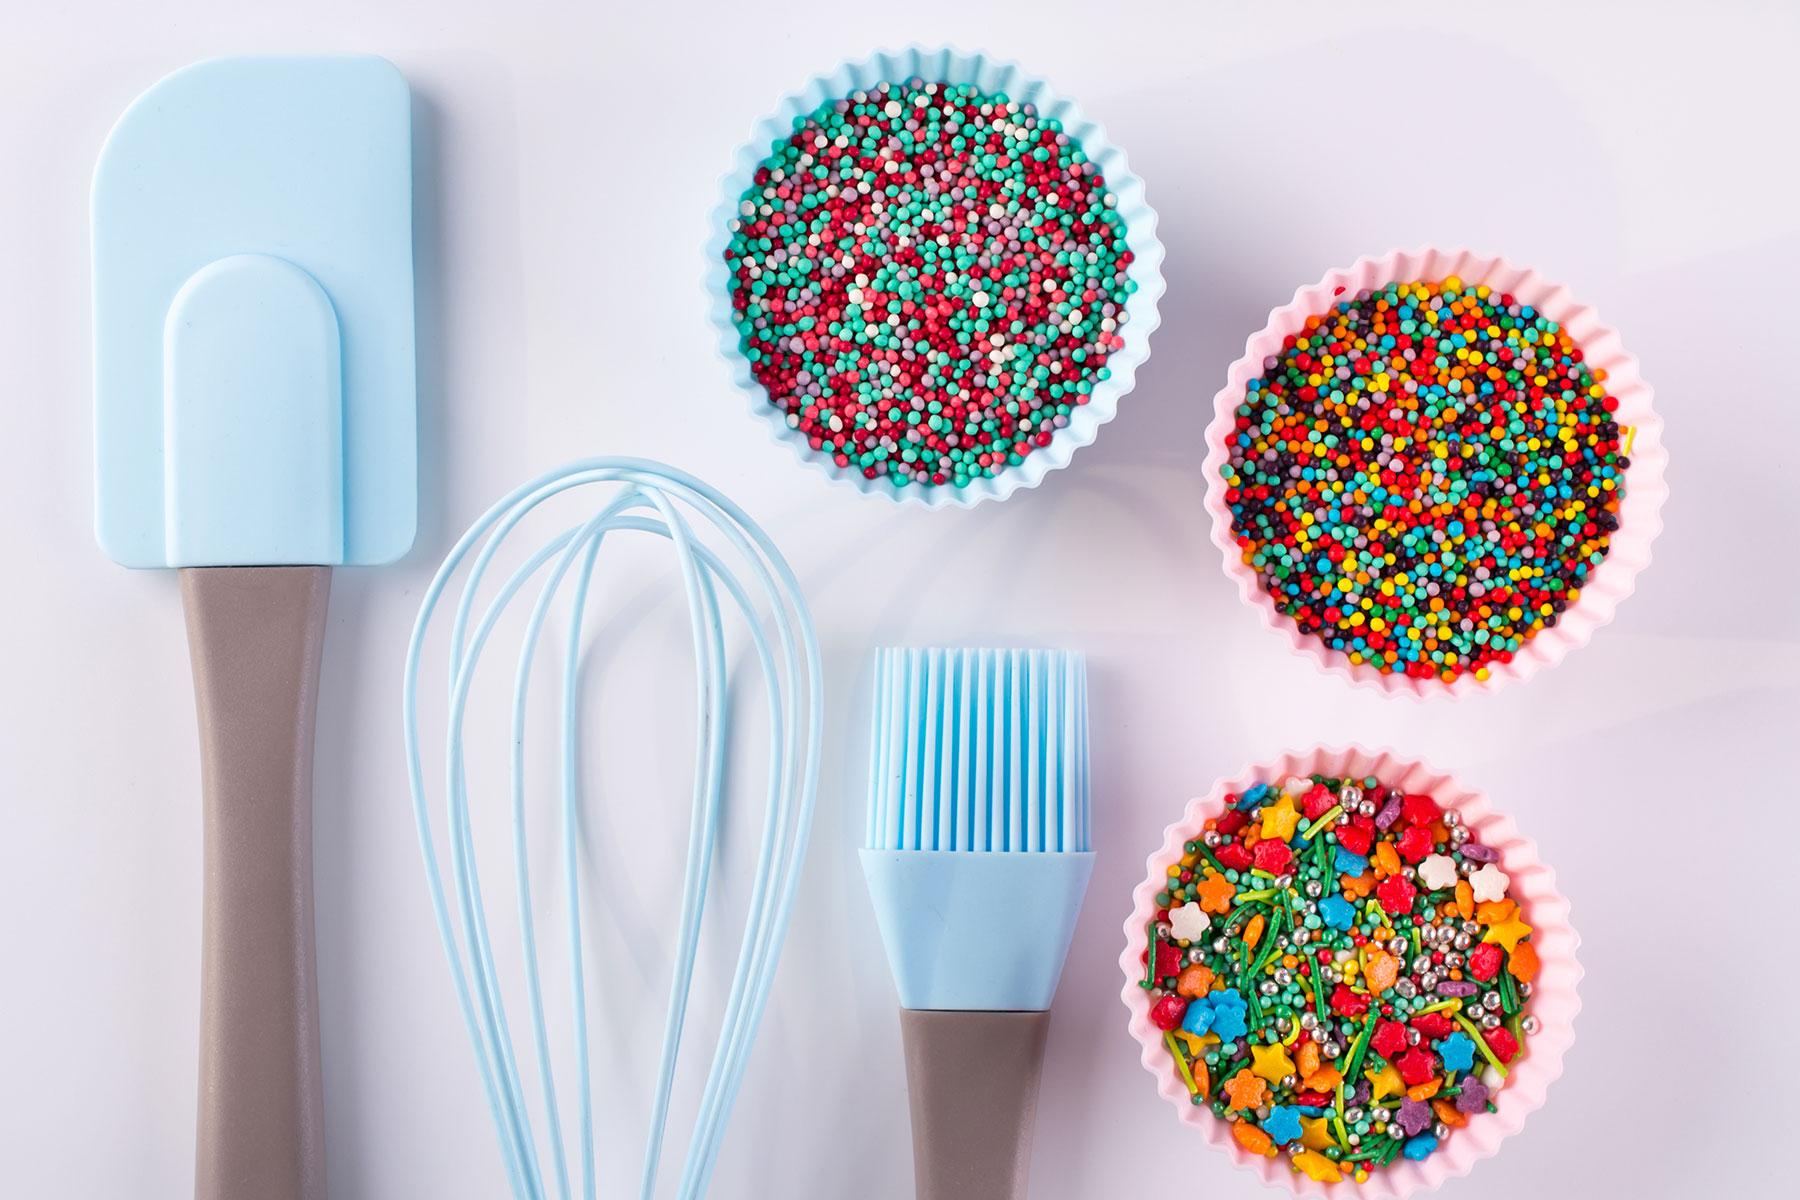 Materialien, Inspiration und Zutaten zum Torte Dekorieren und Verzieren